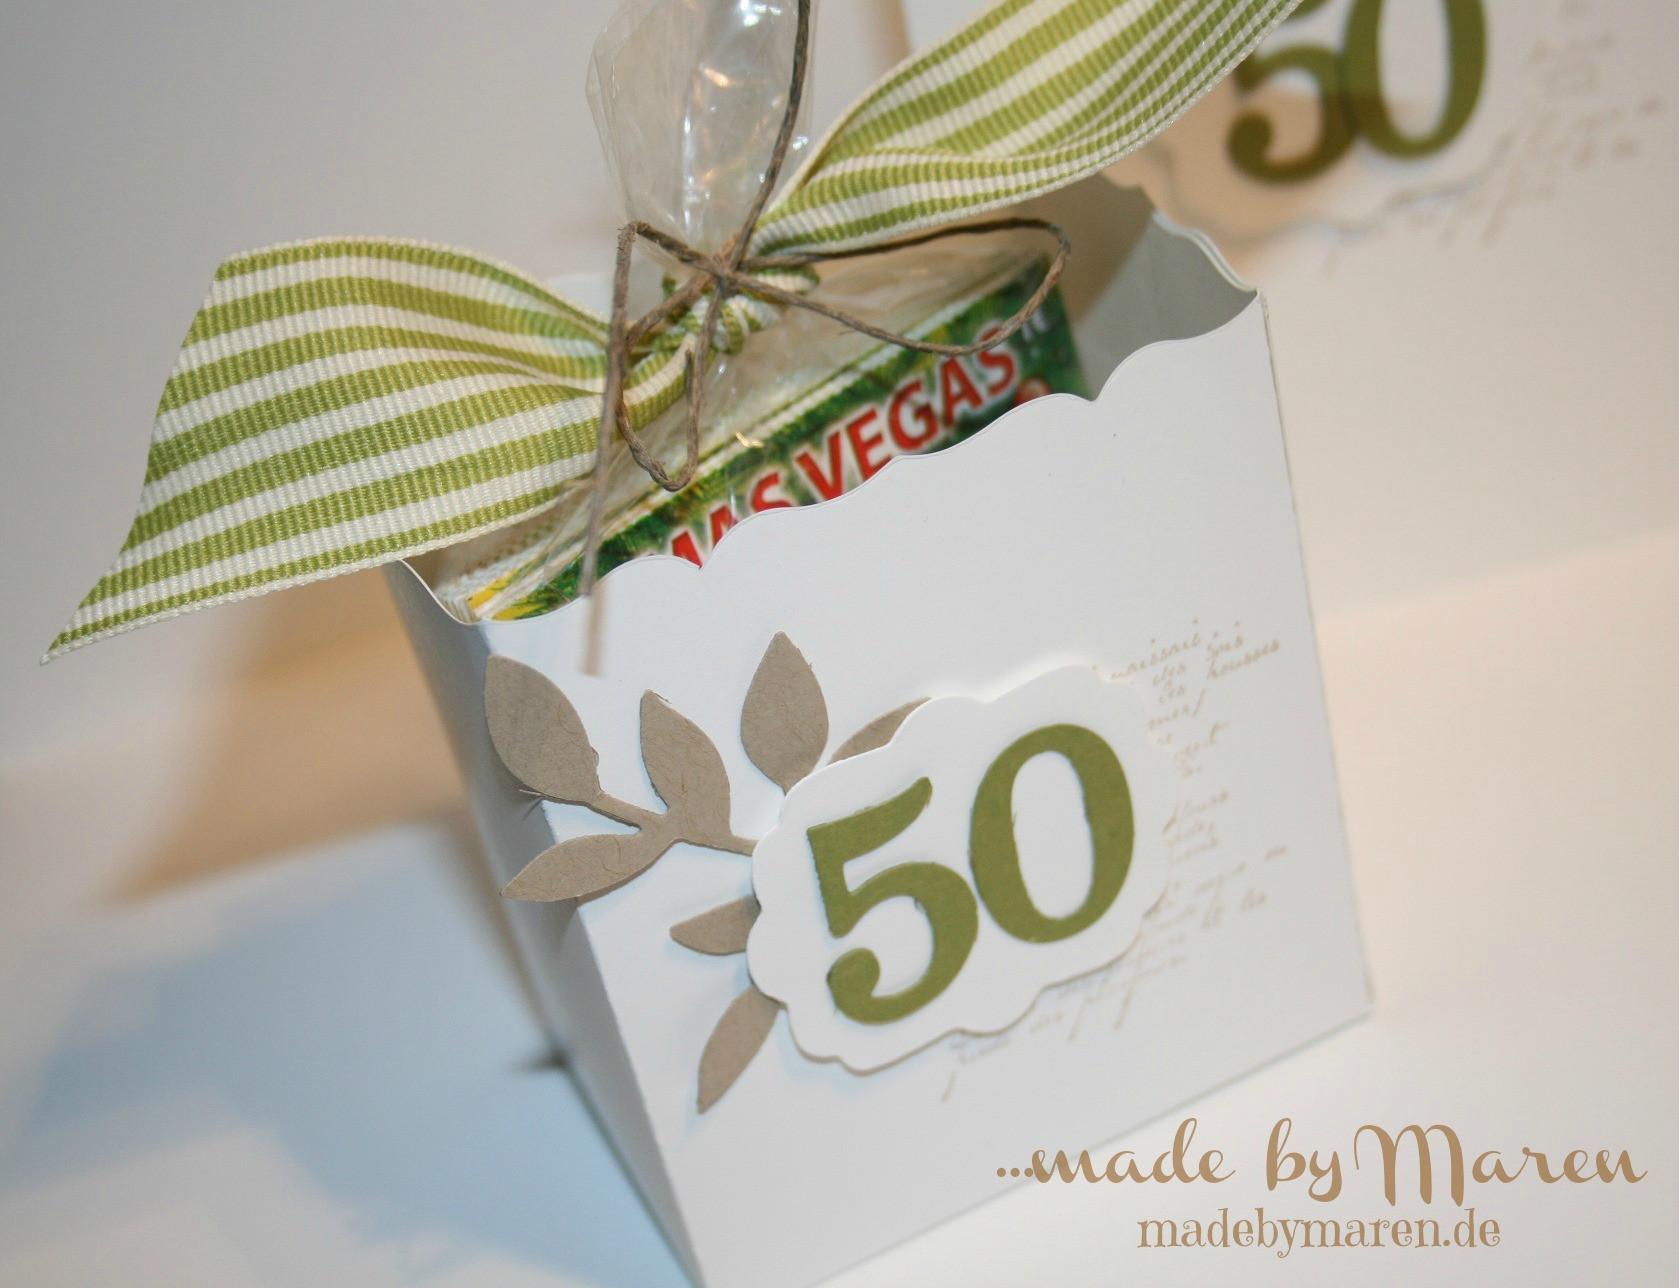 Geburtstagsfeier Ideen 50  Zum 50 Geburtstag